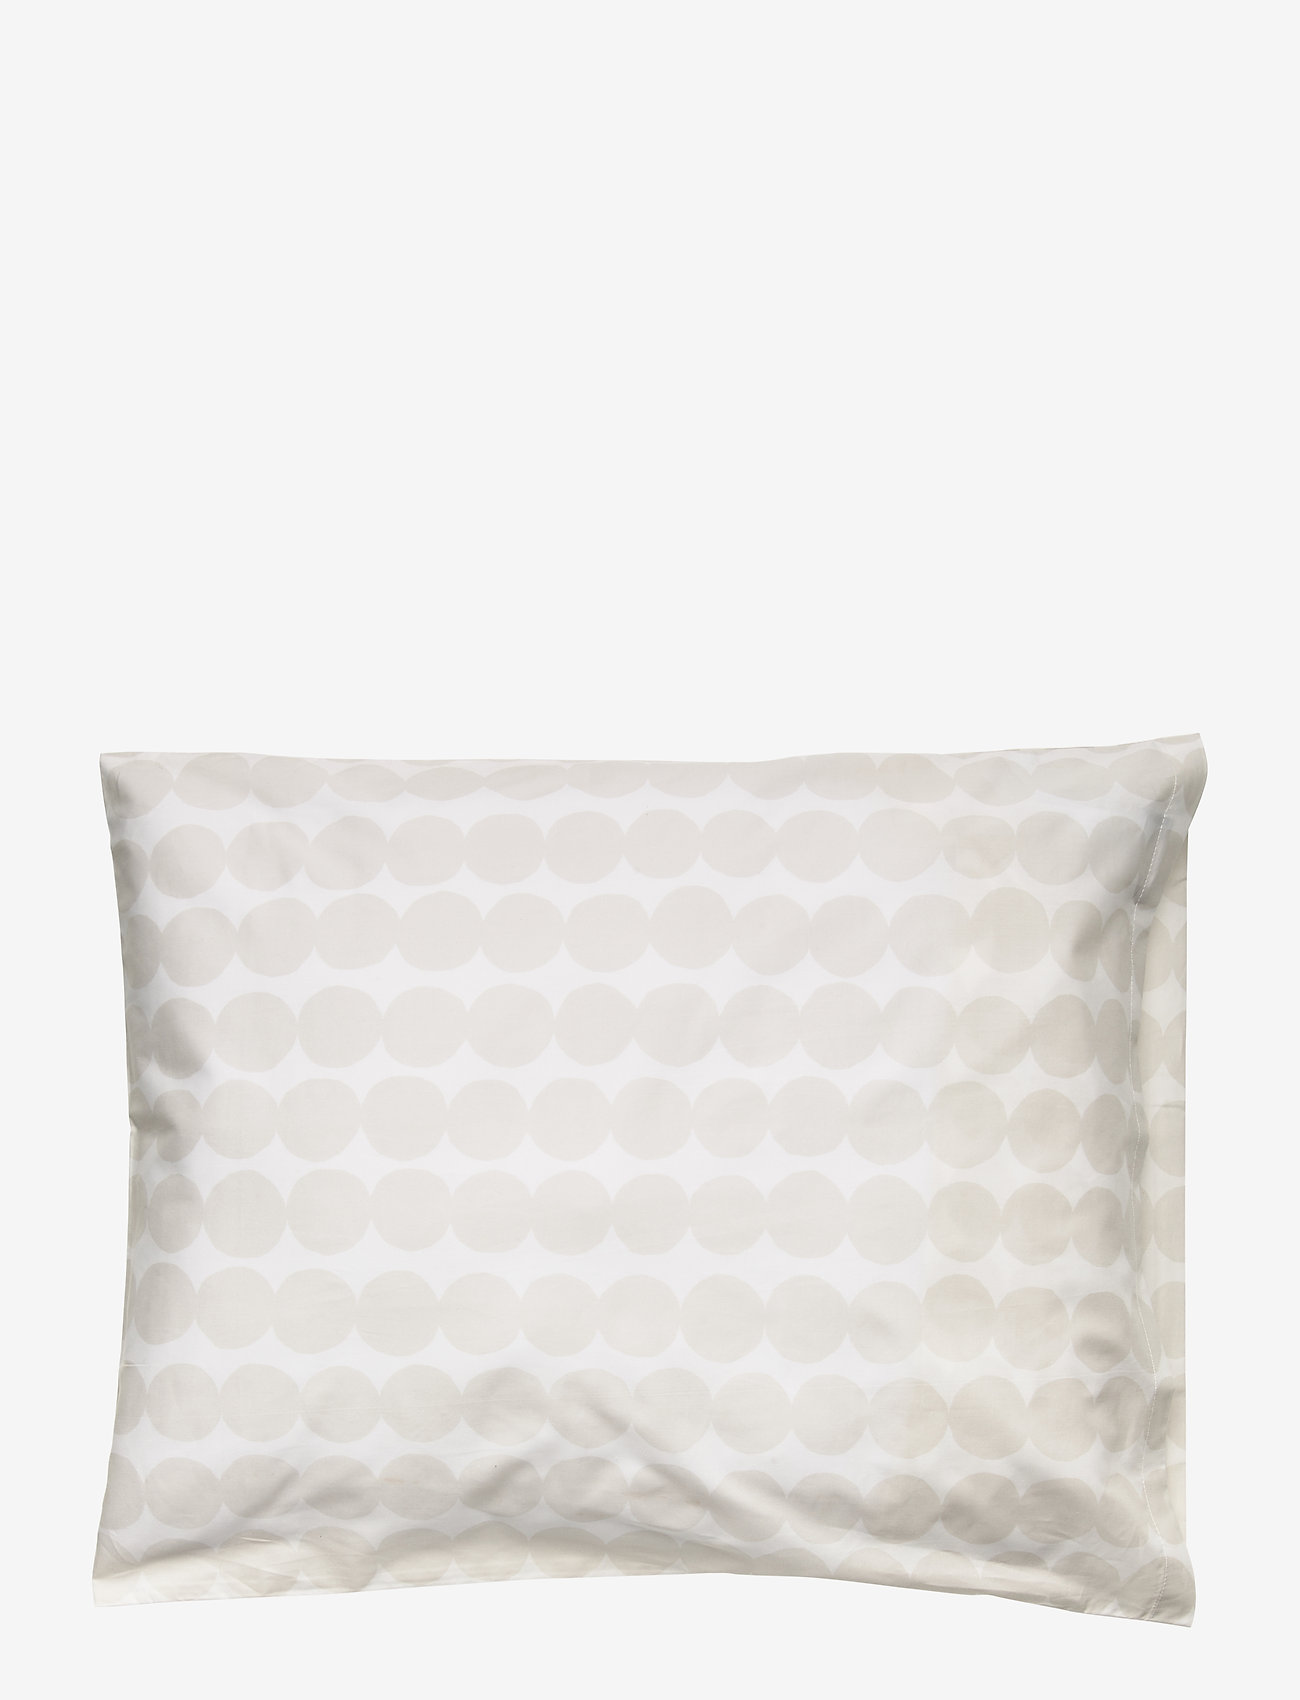 Marimekko Home - RÄSYMATTO PILLOW CASE - taies d'oreiller - white, light grey - 1